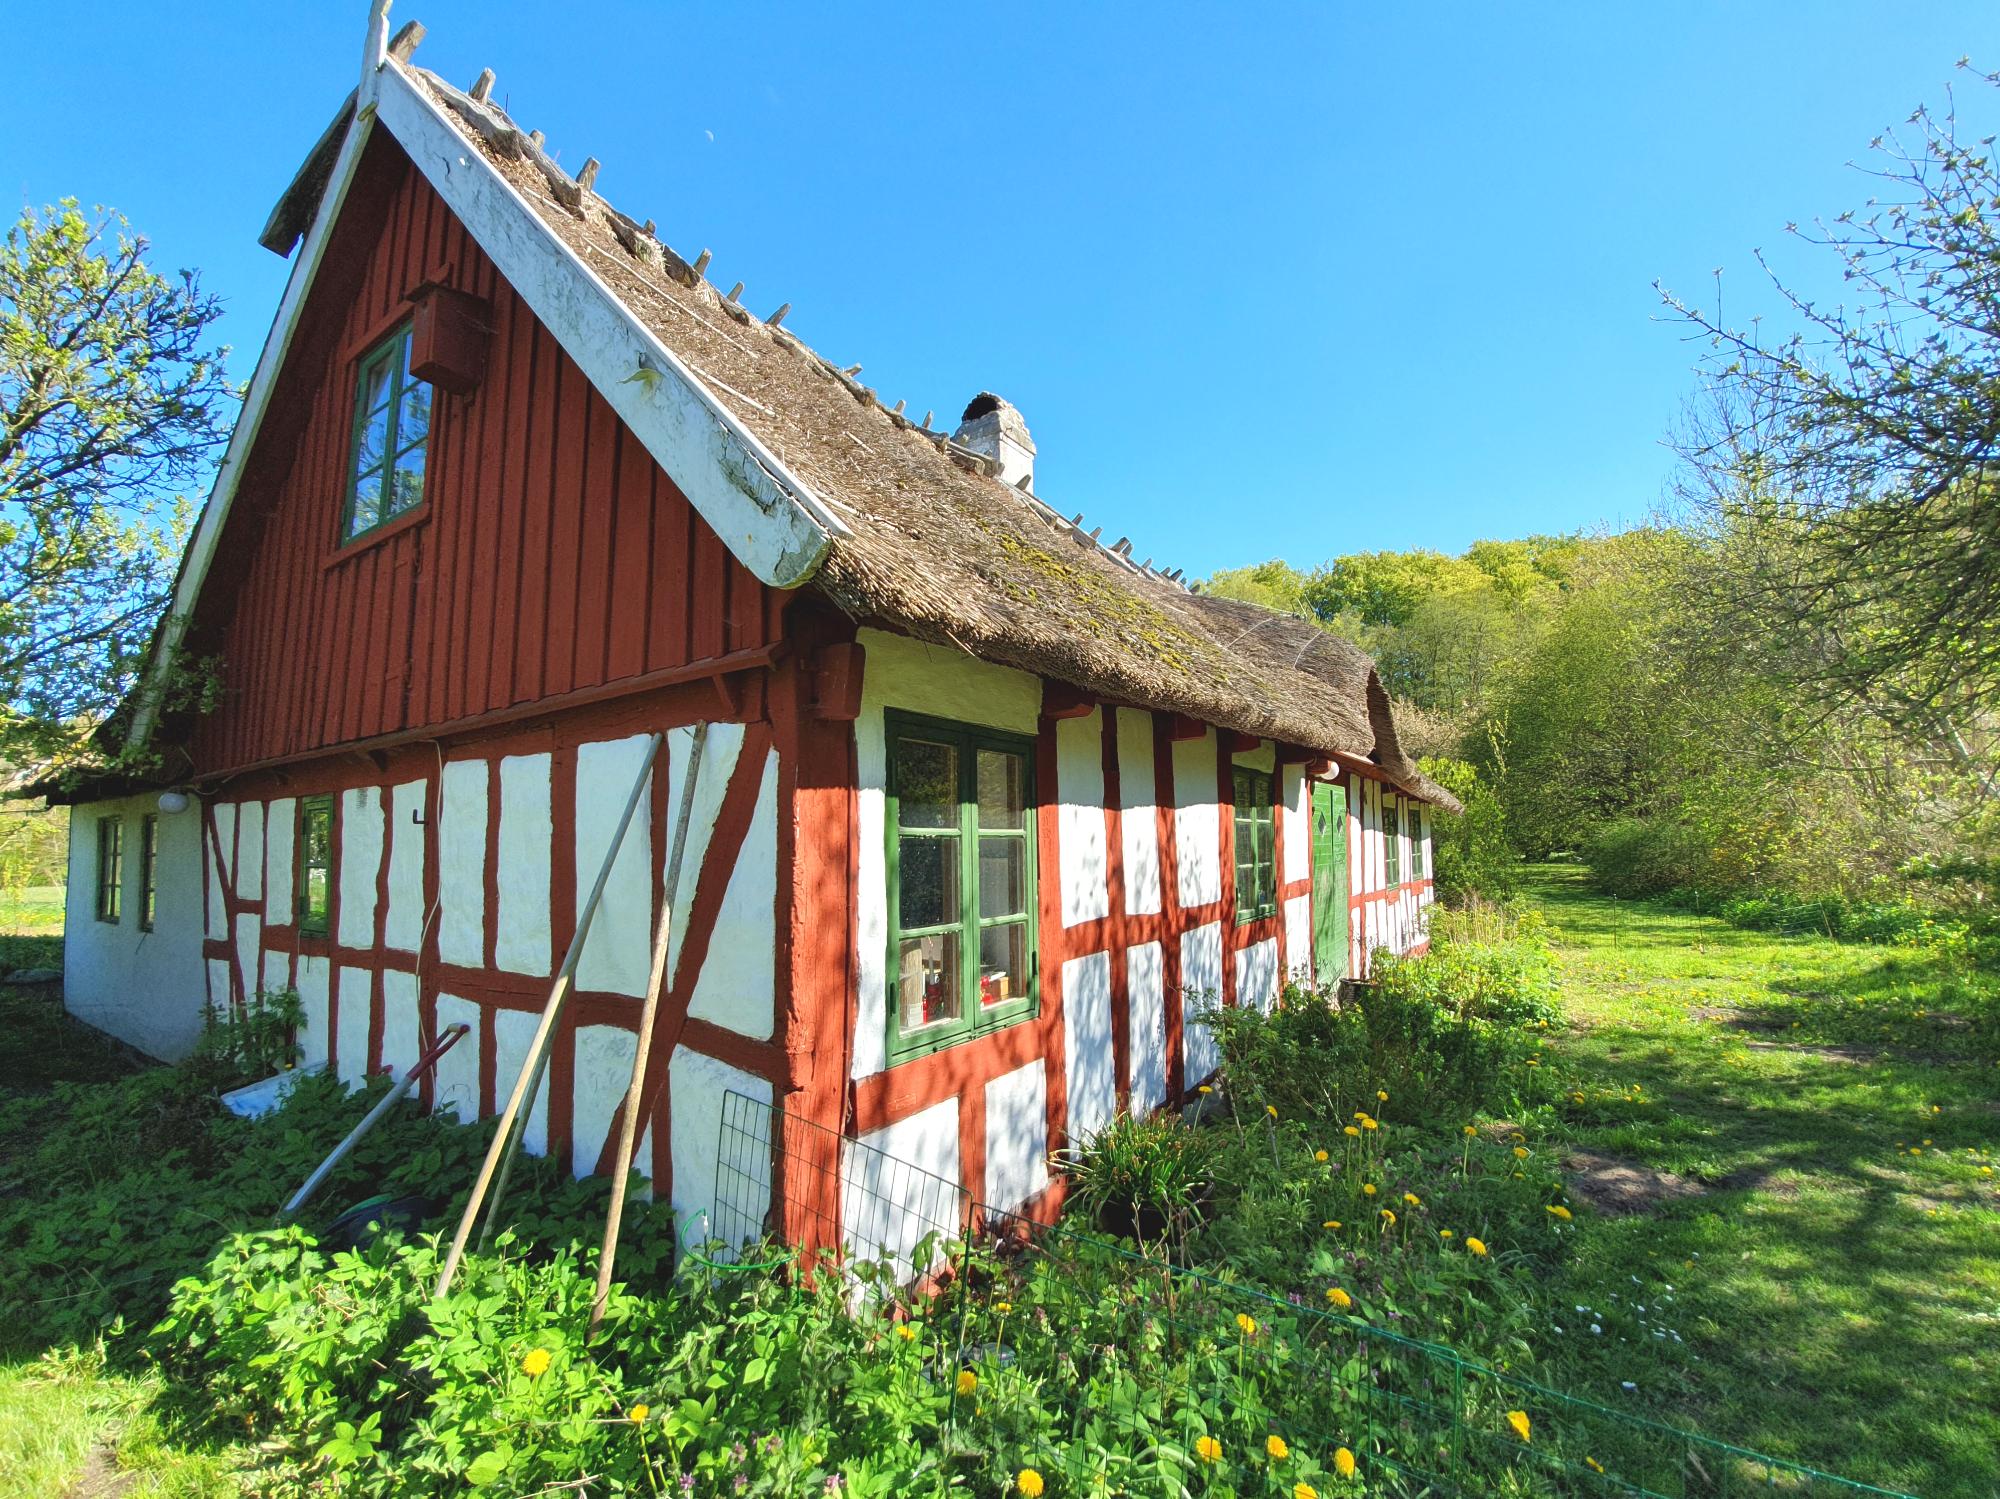 Blåherremölla består av flera kulturhistoriska byggnader, bland annat dessa korsvirkeshus.